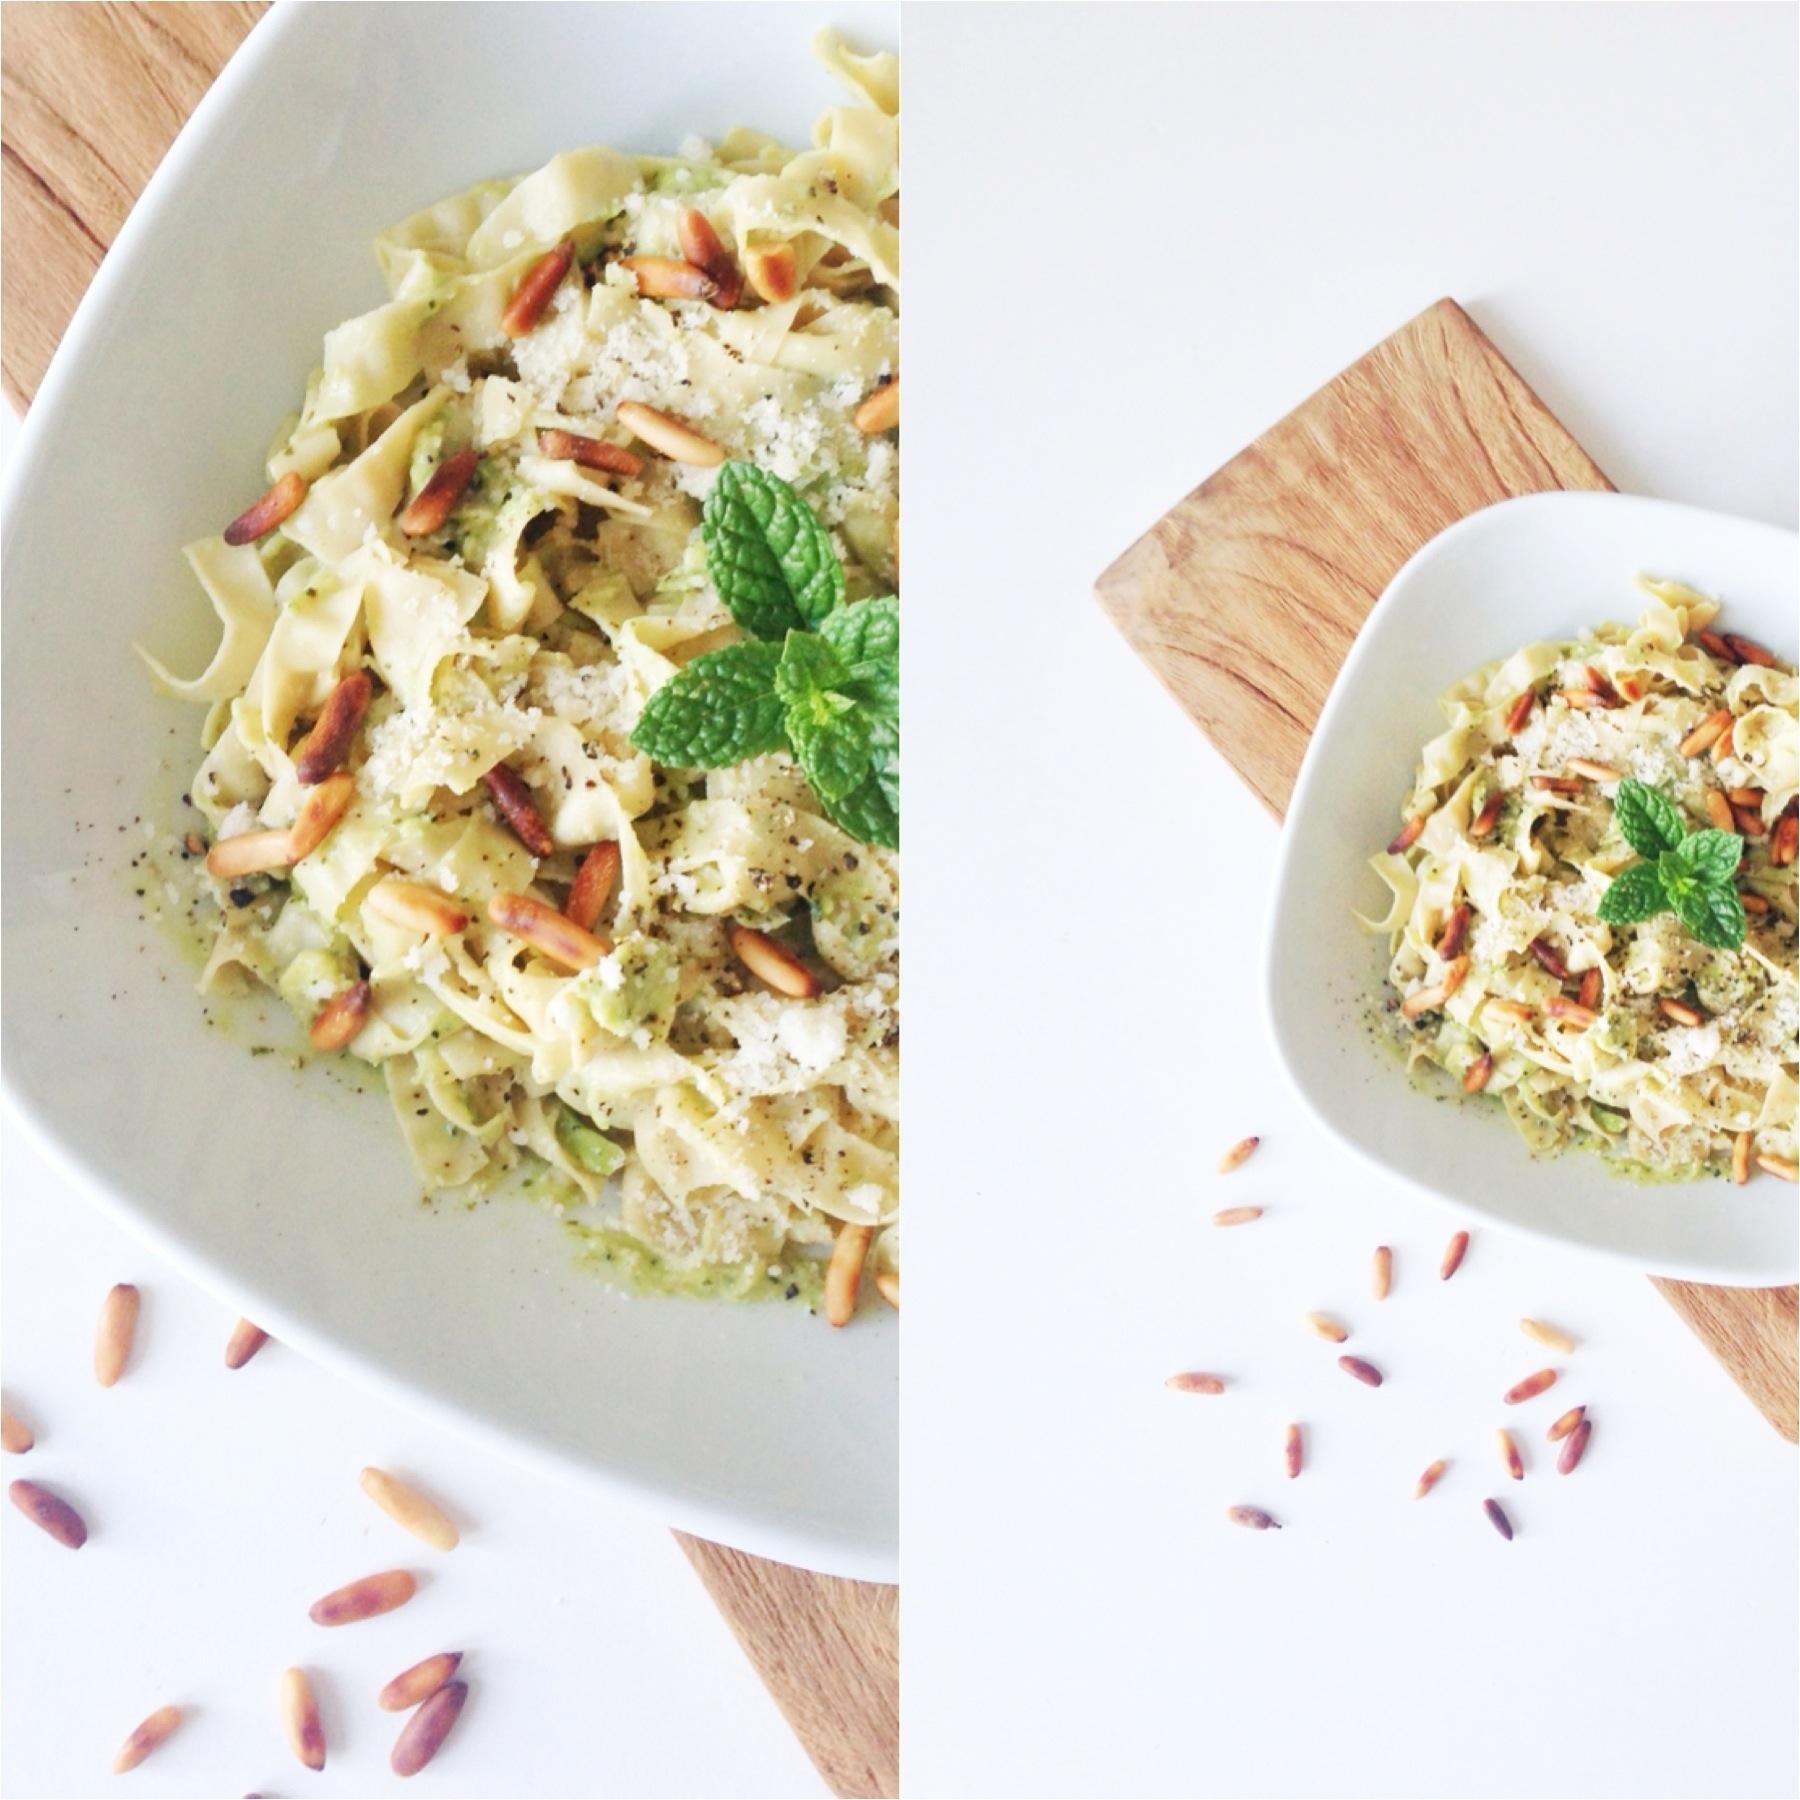 Vegetarret med pasta, som er bønnepasta. Med pesto, avokado og pinjekerner.